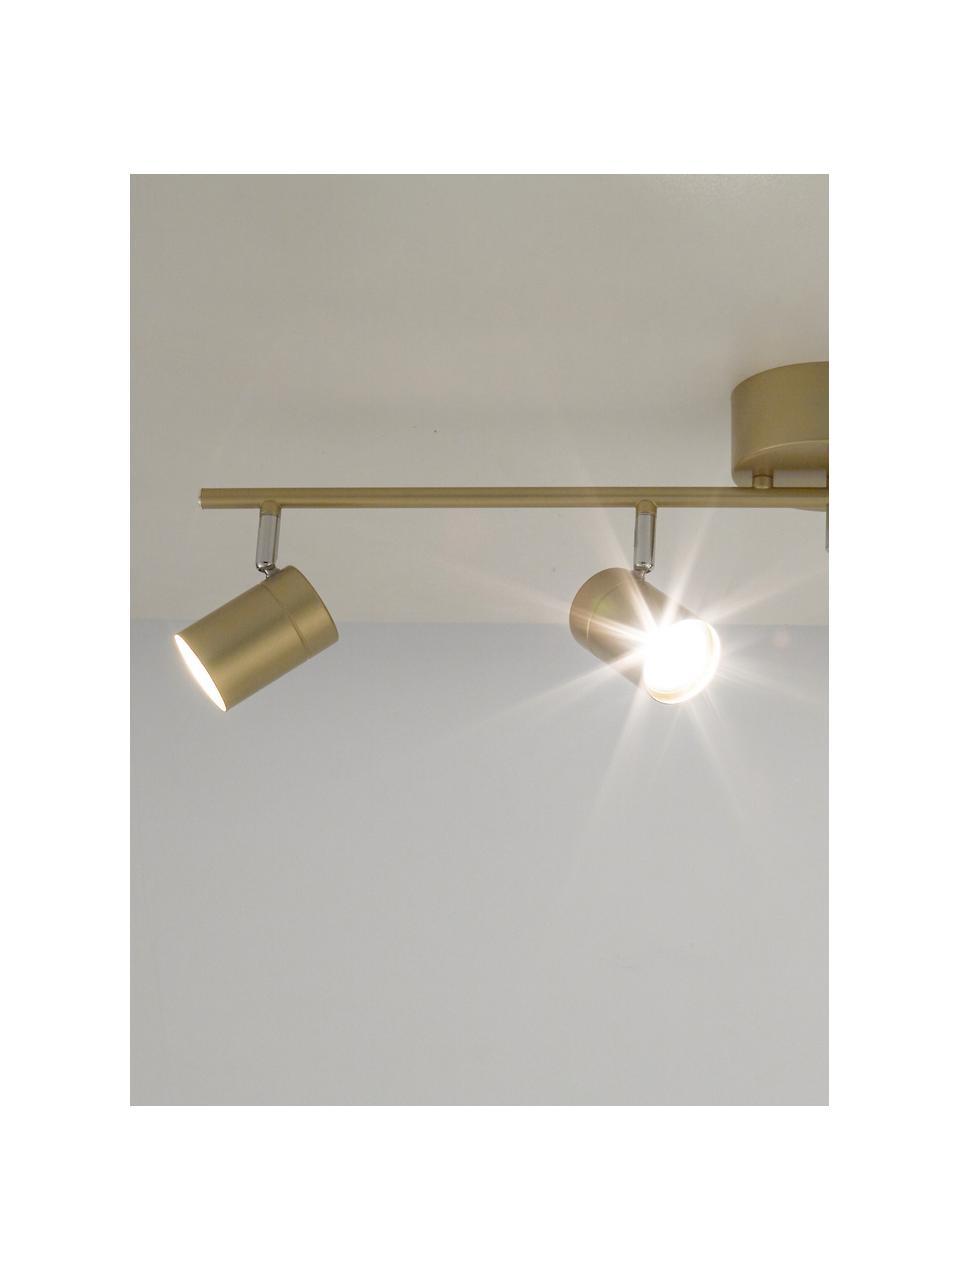 Faretti da soffitto dorati Correct, Paralume: metallo rivestito, Struttura: metallo rivestito, Baldacchino: metallo rivestito, Dorato, Larg. 83 x Alt. 18 cm